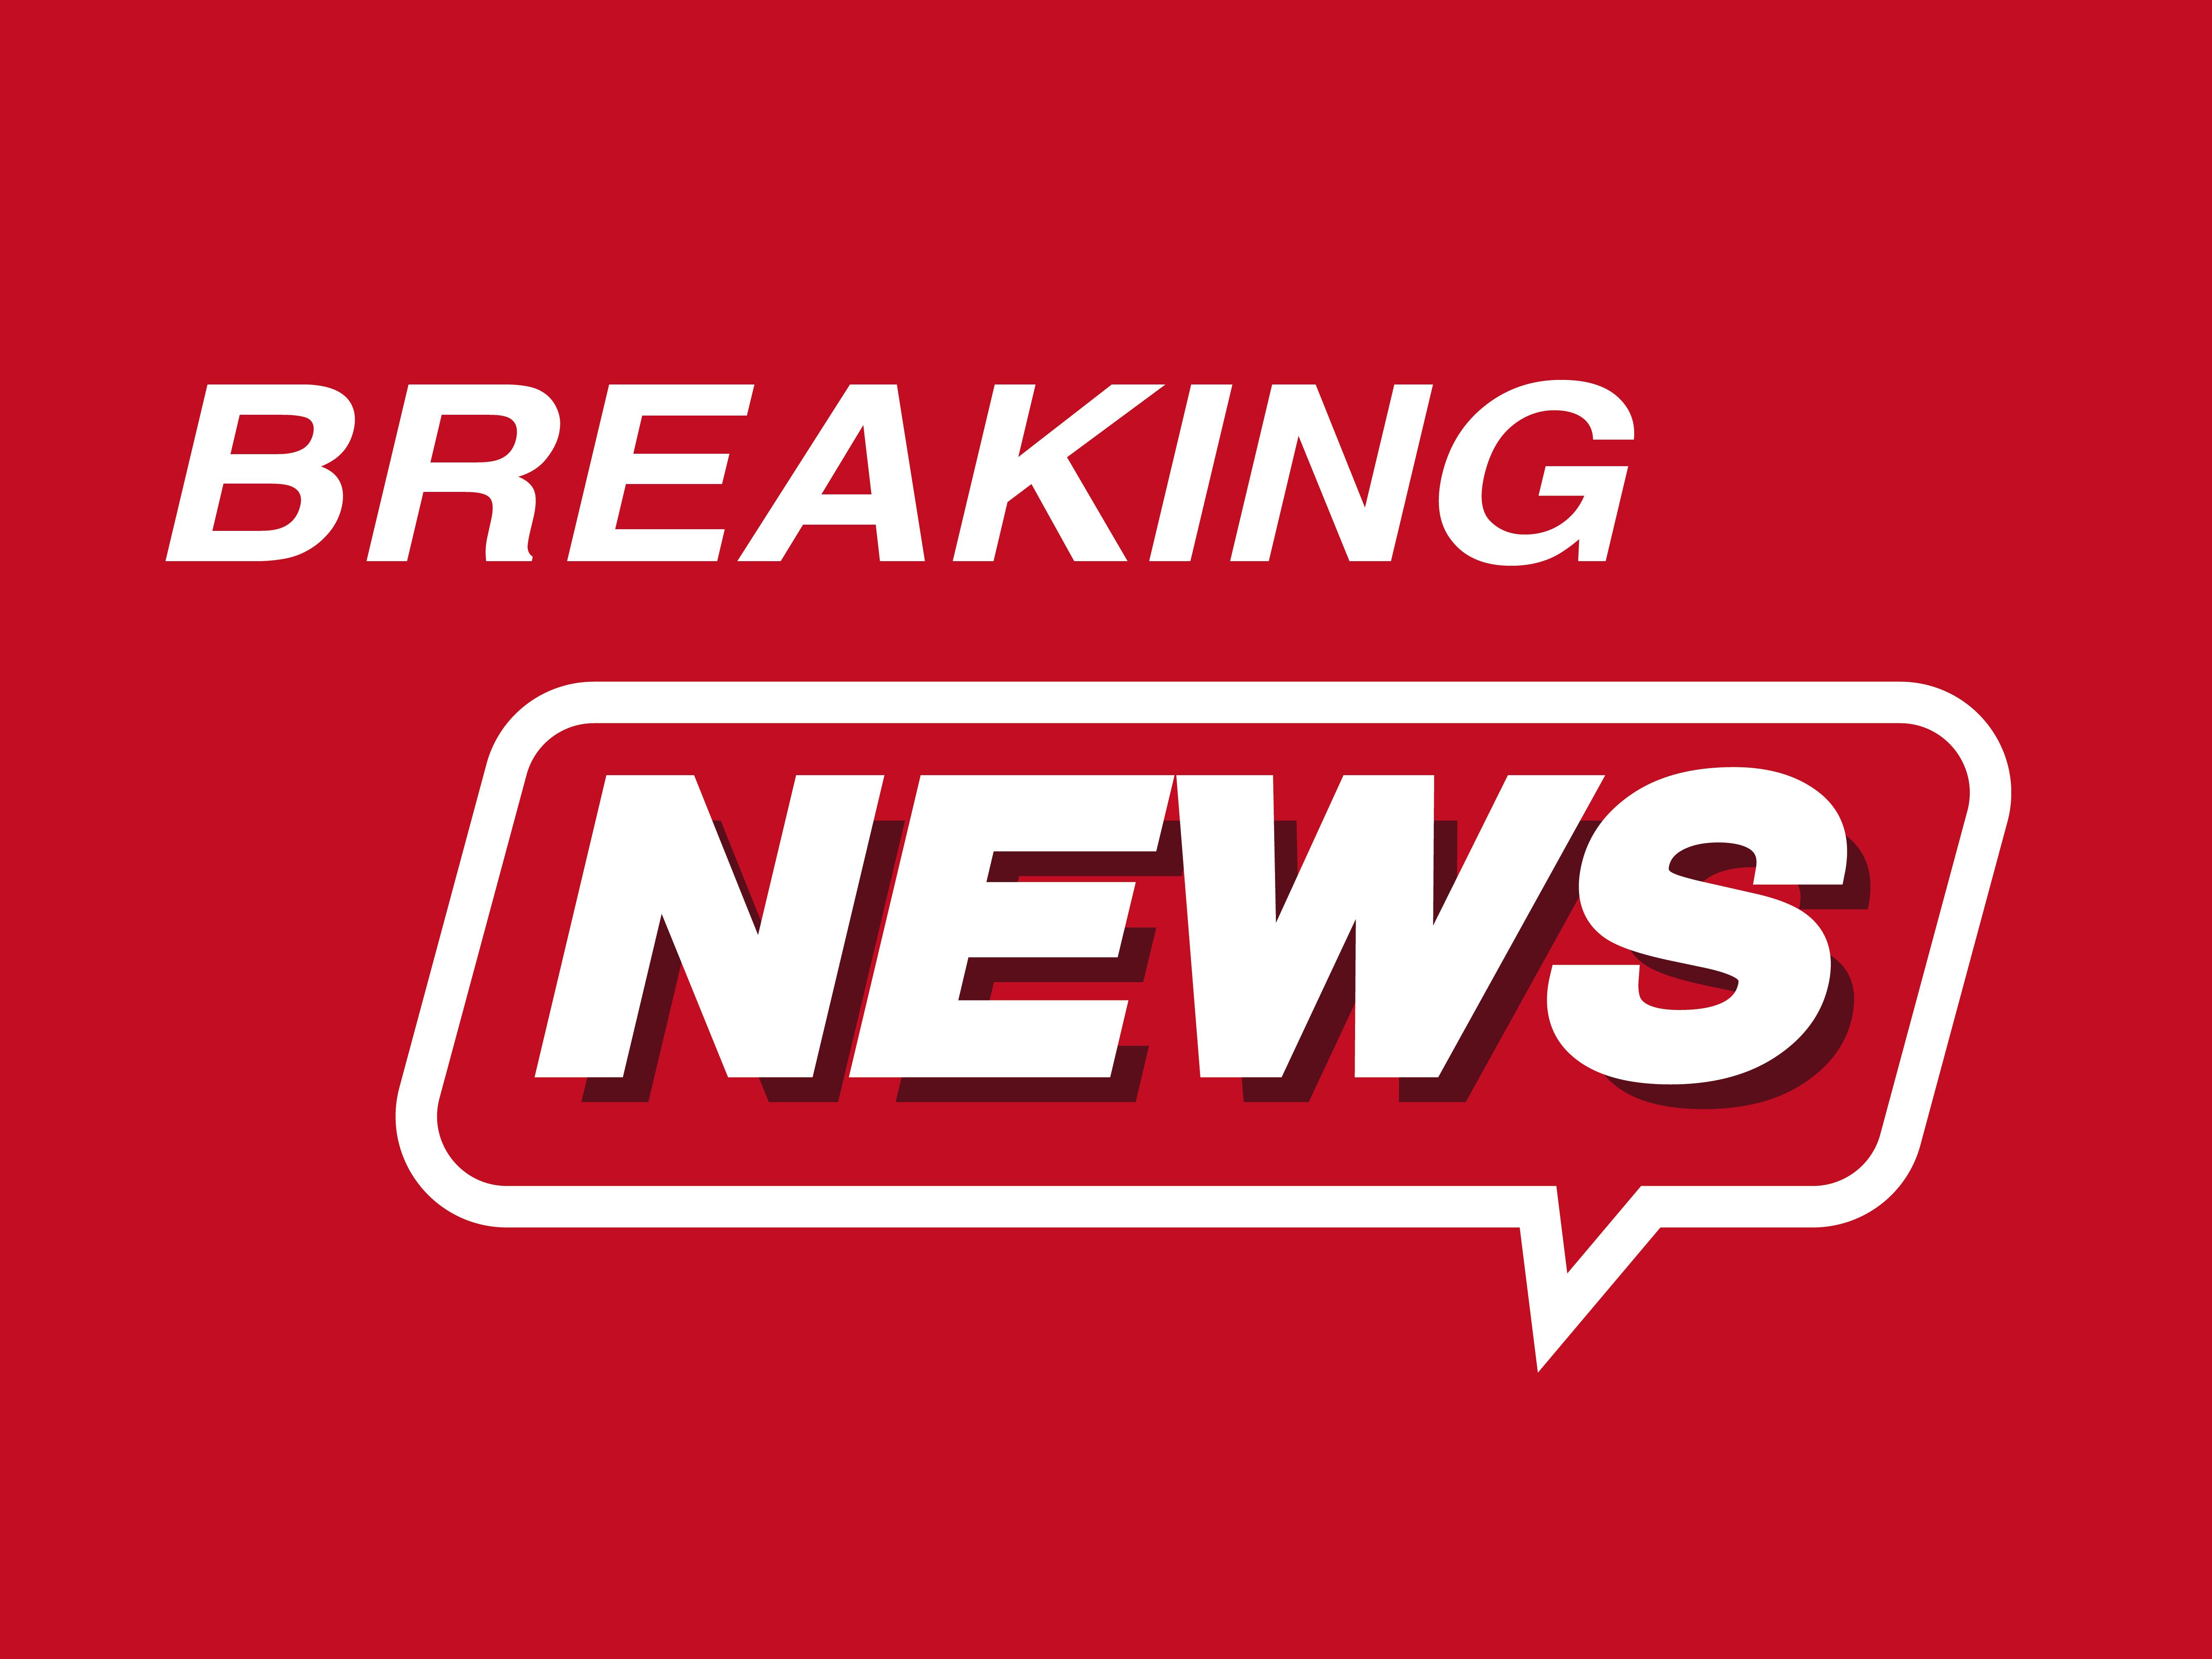 5.5-magnitude quake hits 39km S of Tinogasta, Argentina: USGS